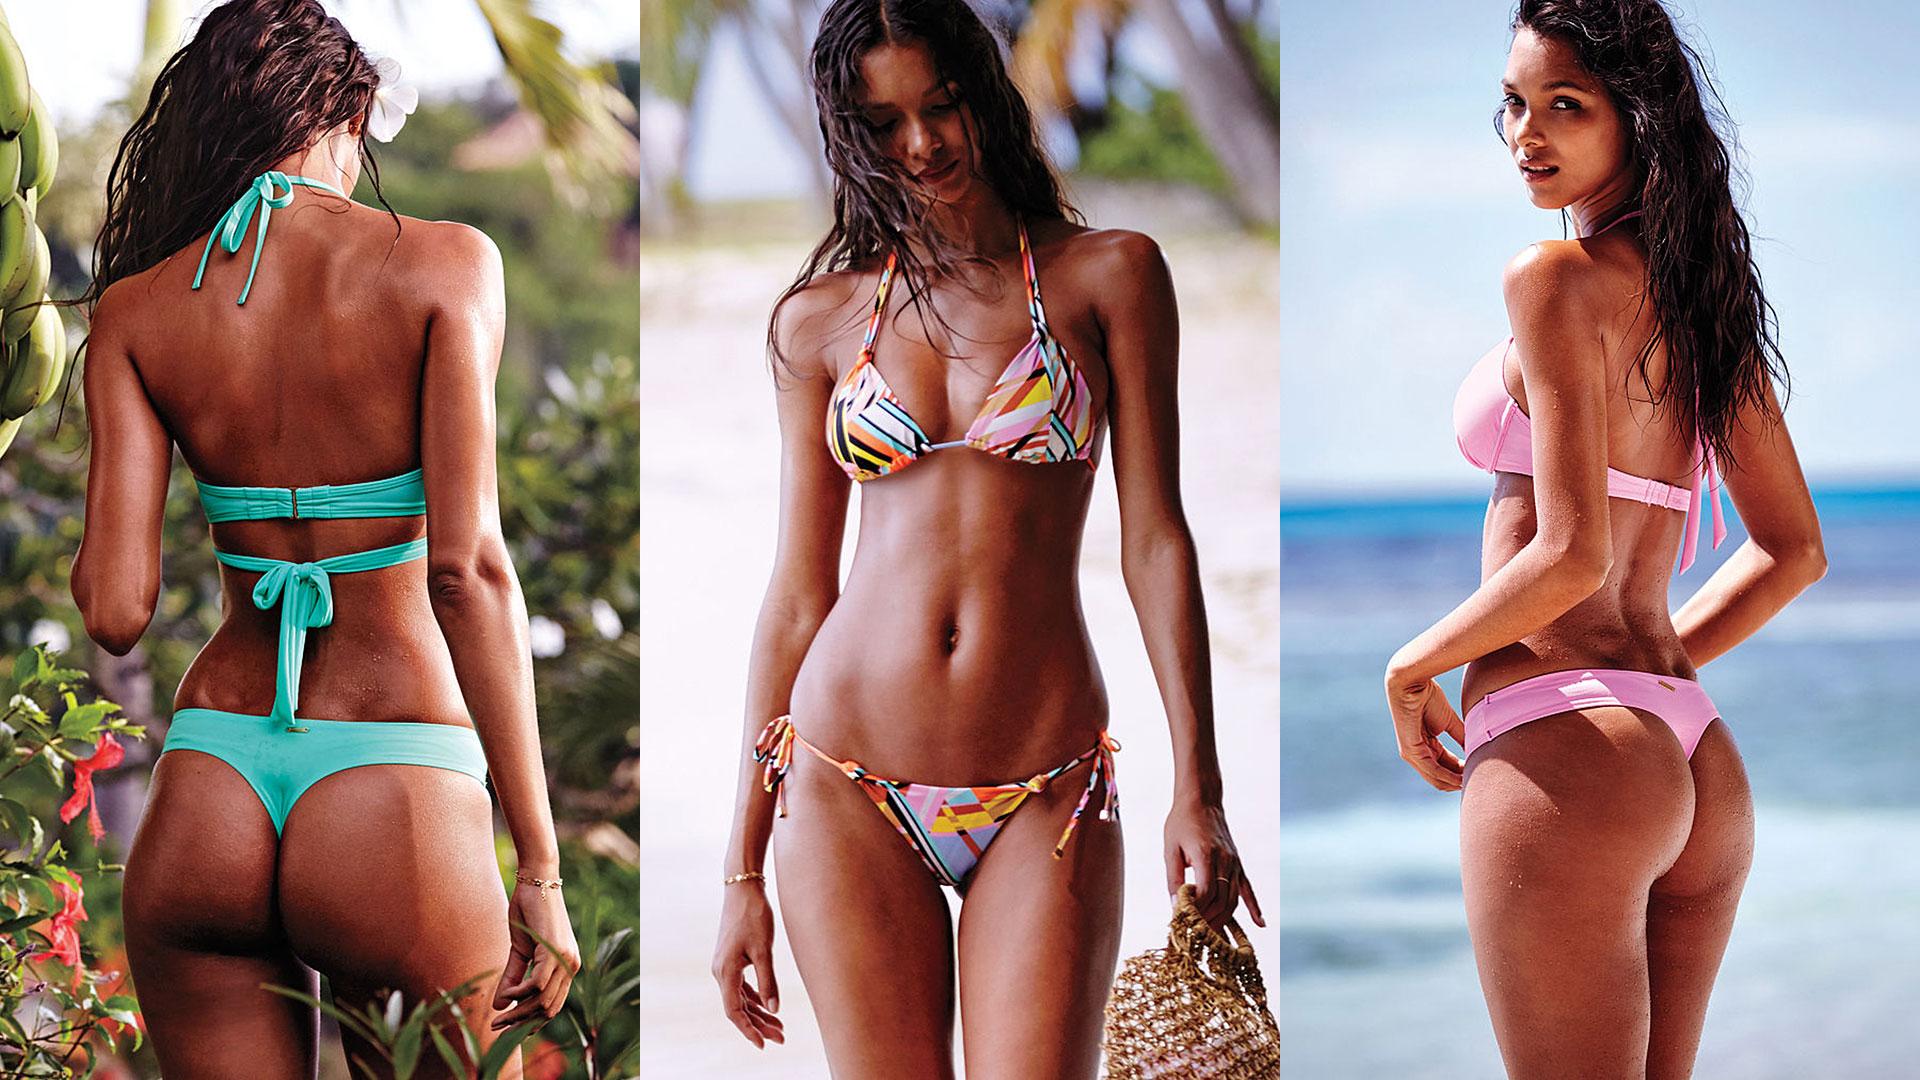 Brazlian model Lais Ribeiro Strikes a Pose For Victorias  : lais ribeiro from www.telemundo.com size 1920 x 1080 jpeg 410kB